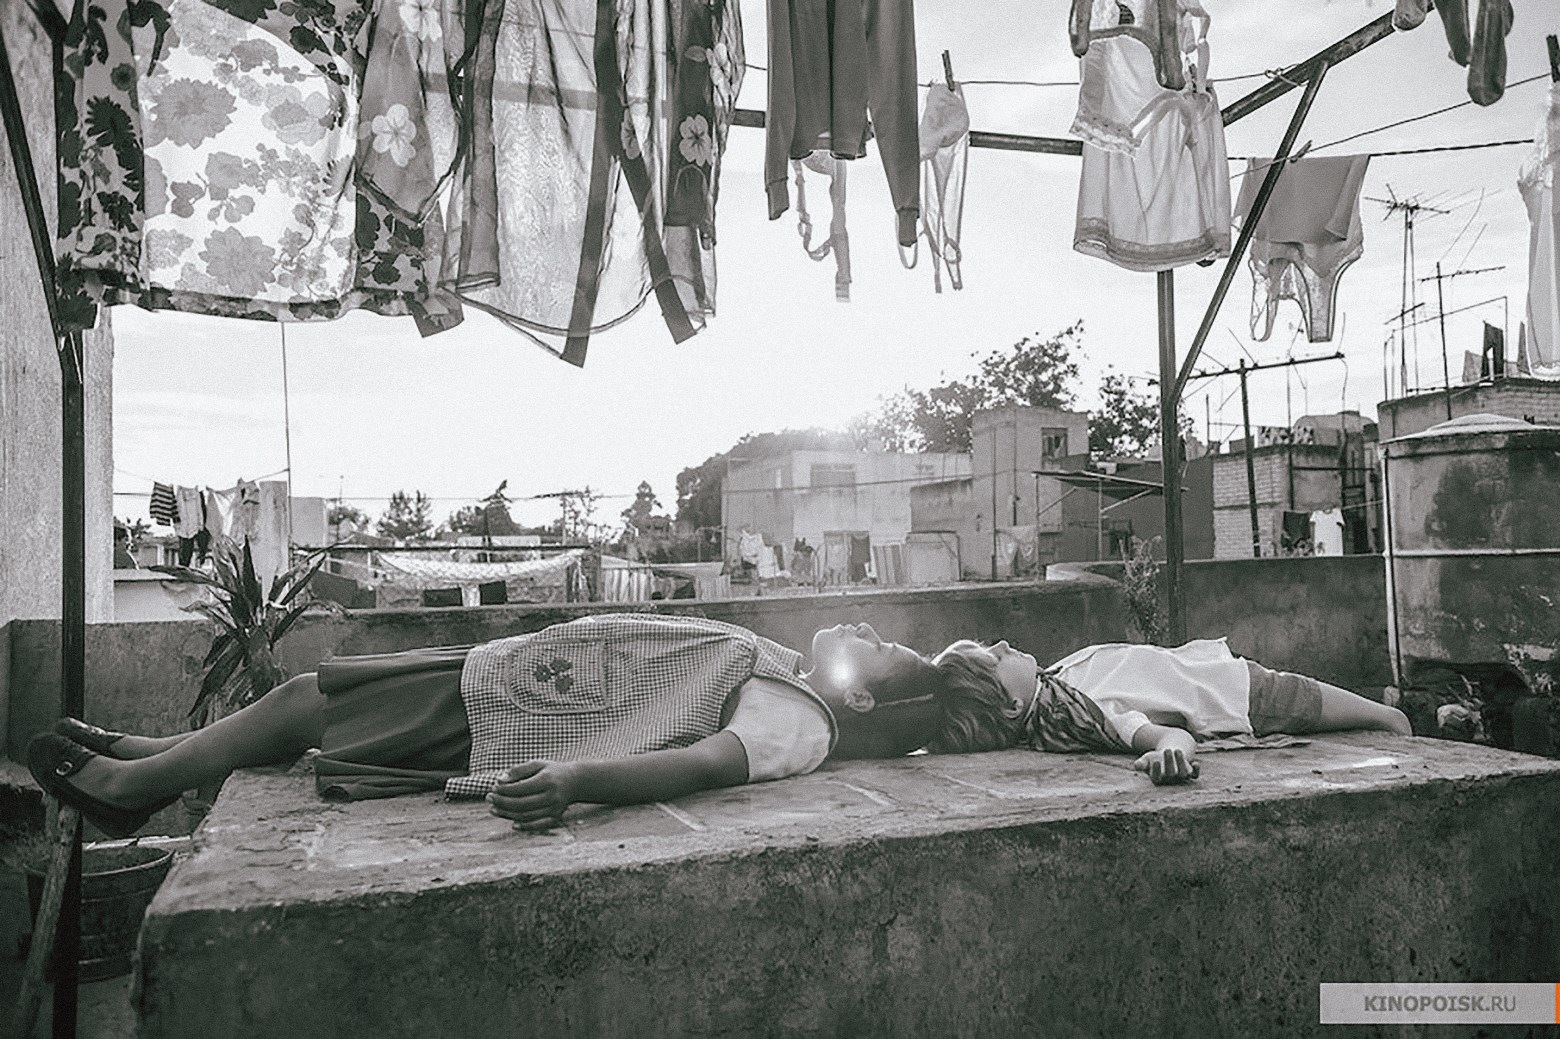 фильм Рома, Альфонсо Куарон, кадр из фильма